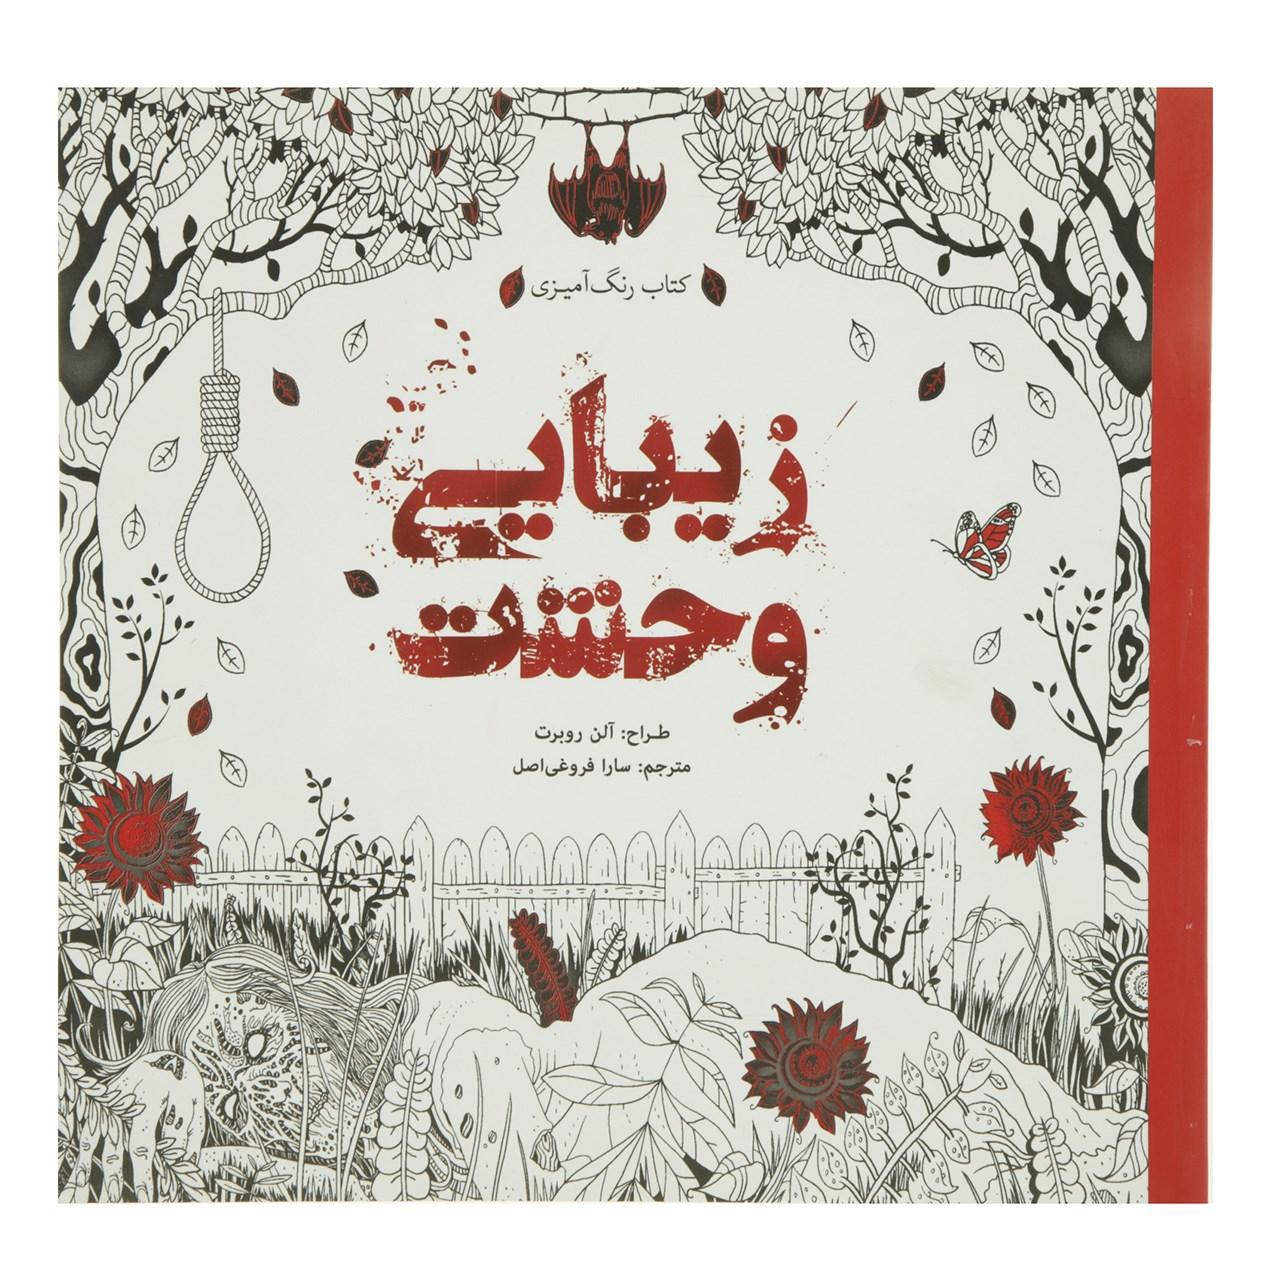 خرید                      کتاب رنگ آمیزی زیبایی وحشت اثر آلن روبرت